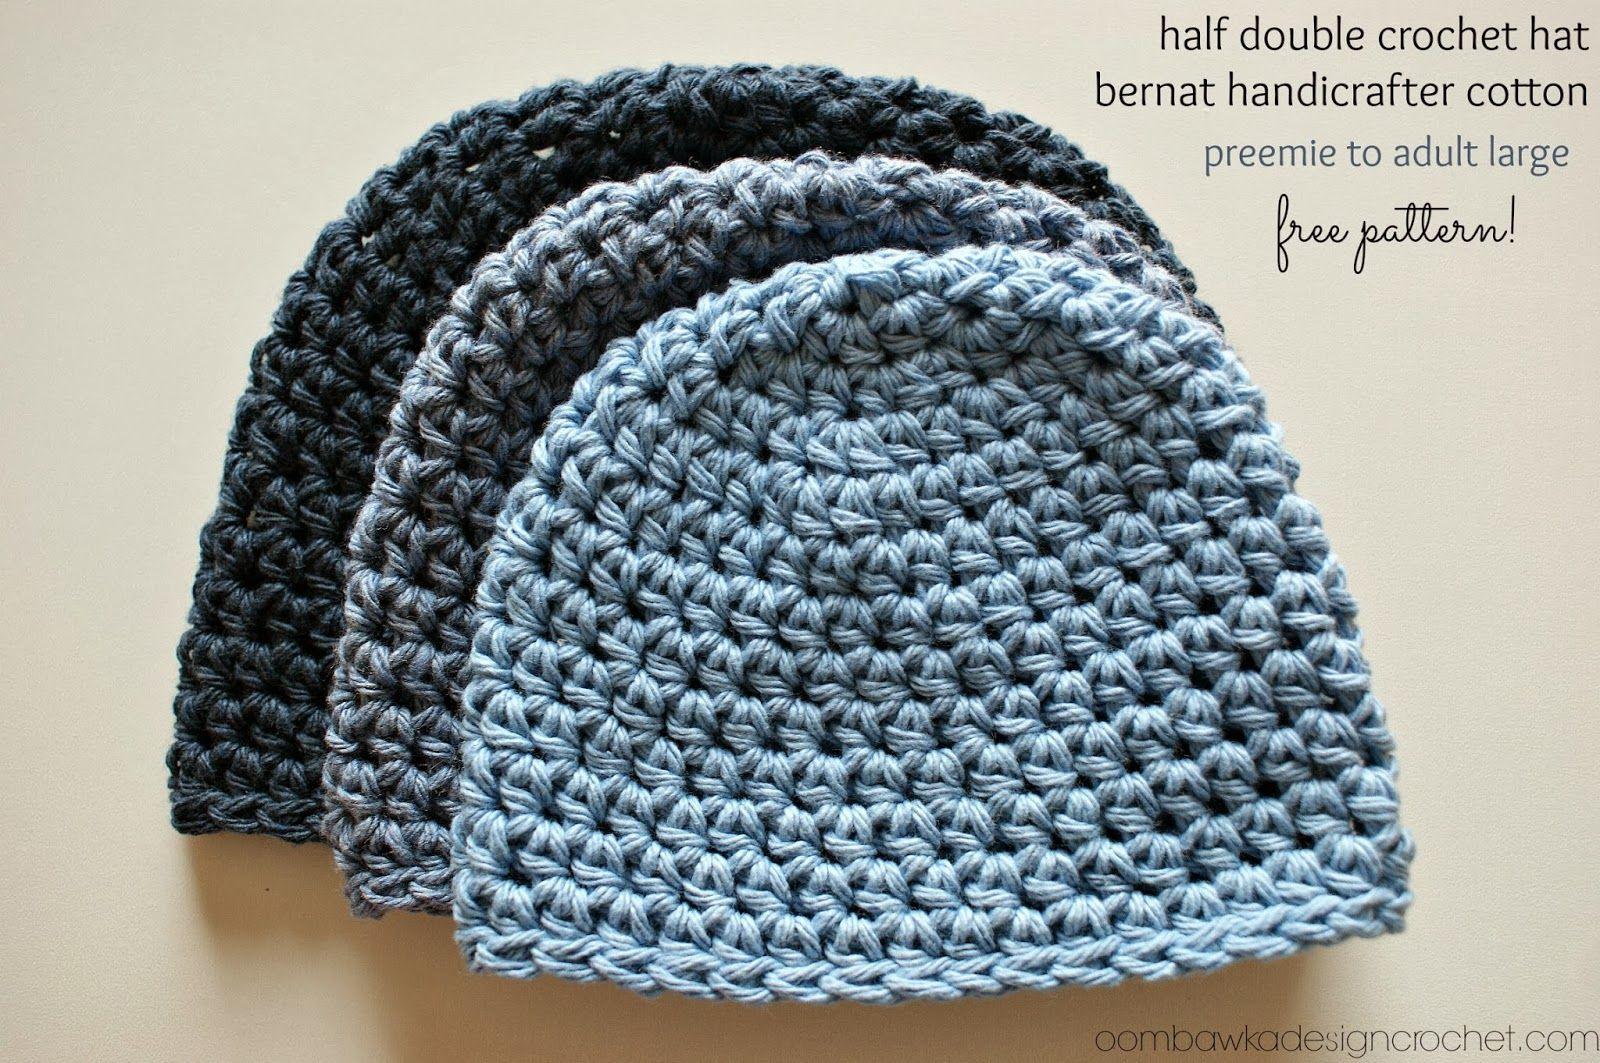 Half Double Crochet Hat Pattern | Free crochet, Preemies and Crochet